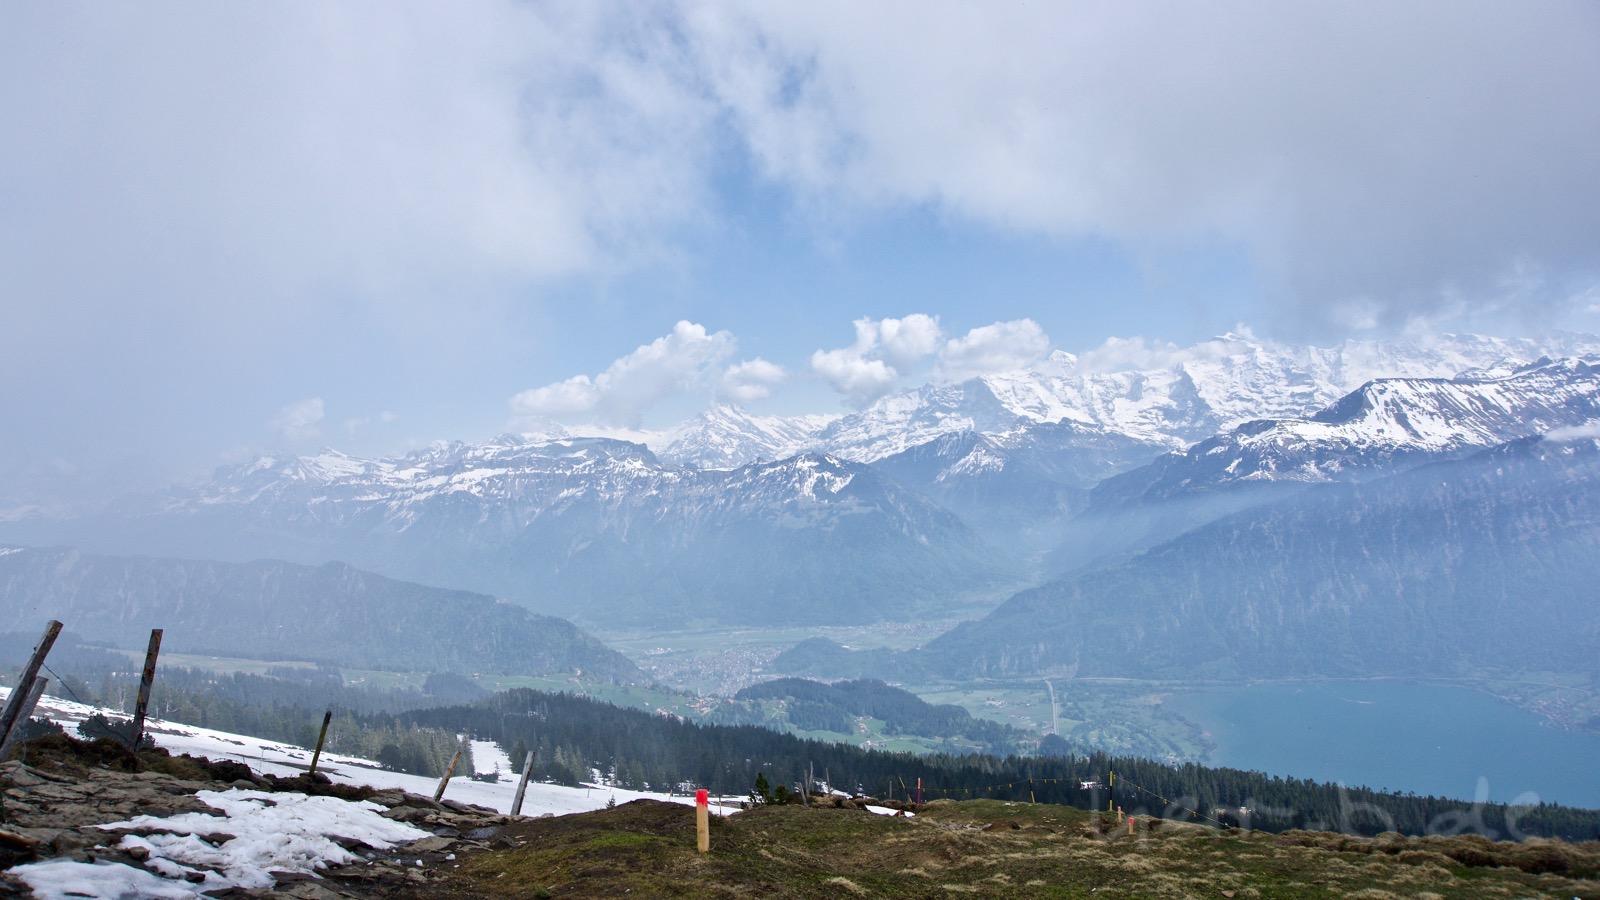 Der Blick auf Interlaken und die Jungfrau-Region zieht sich langsam zu.